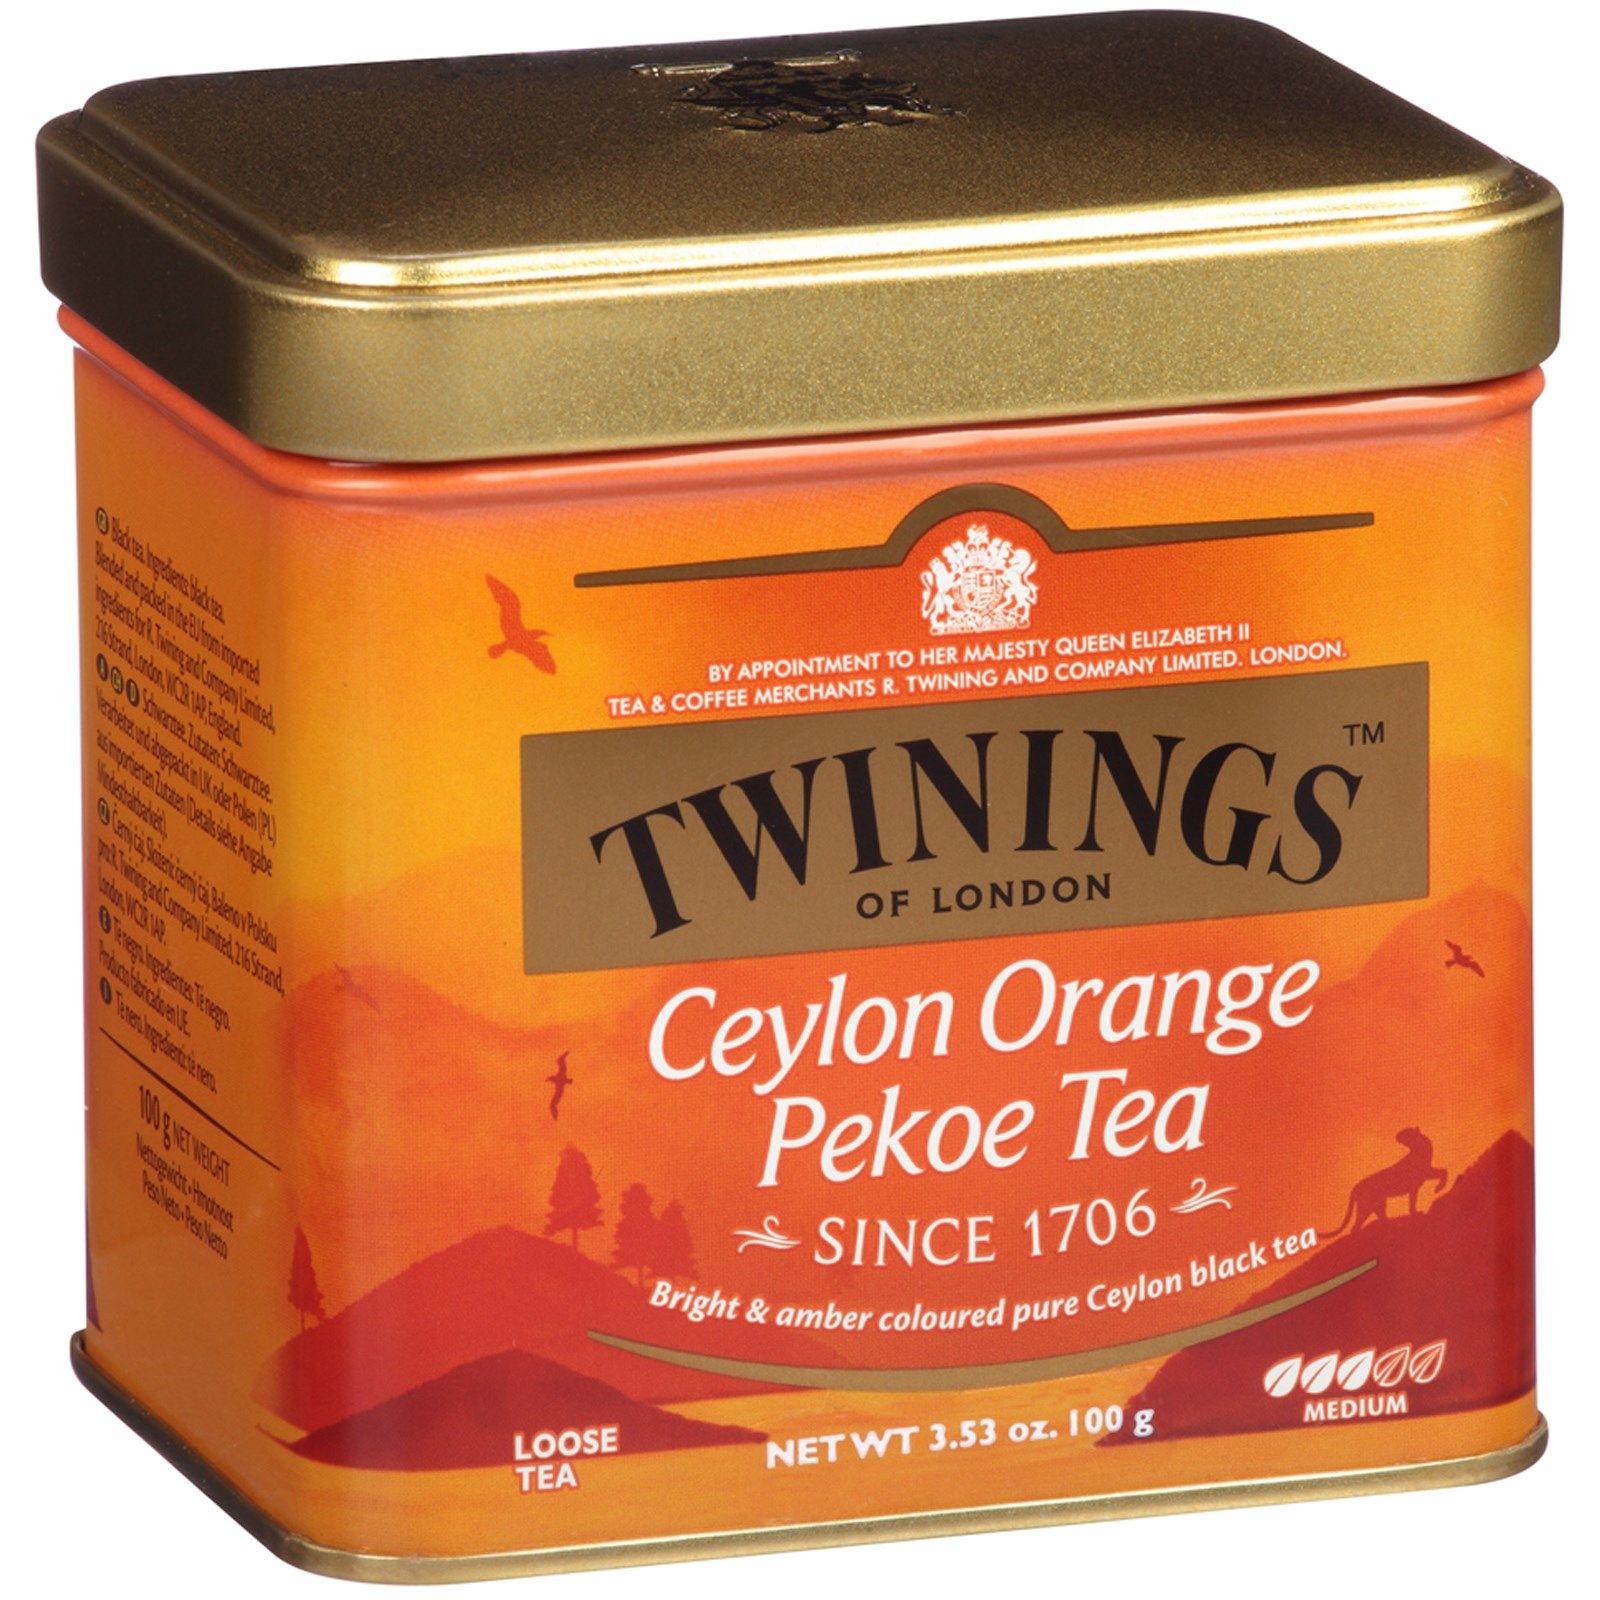 Twinings Ceylon Orange Pekoe Loose Tea Medium 3 53 Oz 100 G Discontinued Item Pekoe Tea Orange Pekoe Tea Orange Pekoe